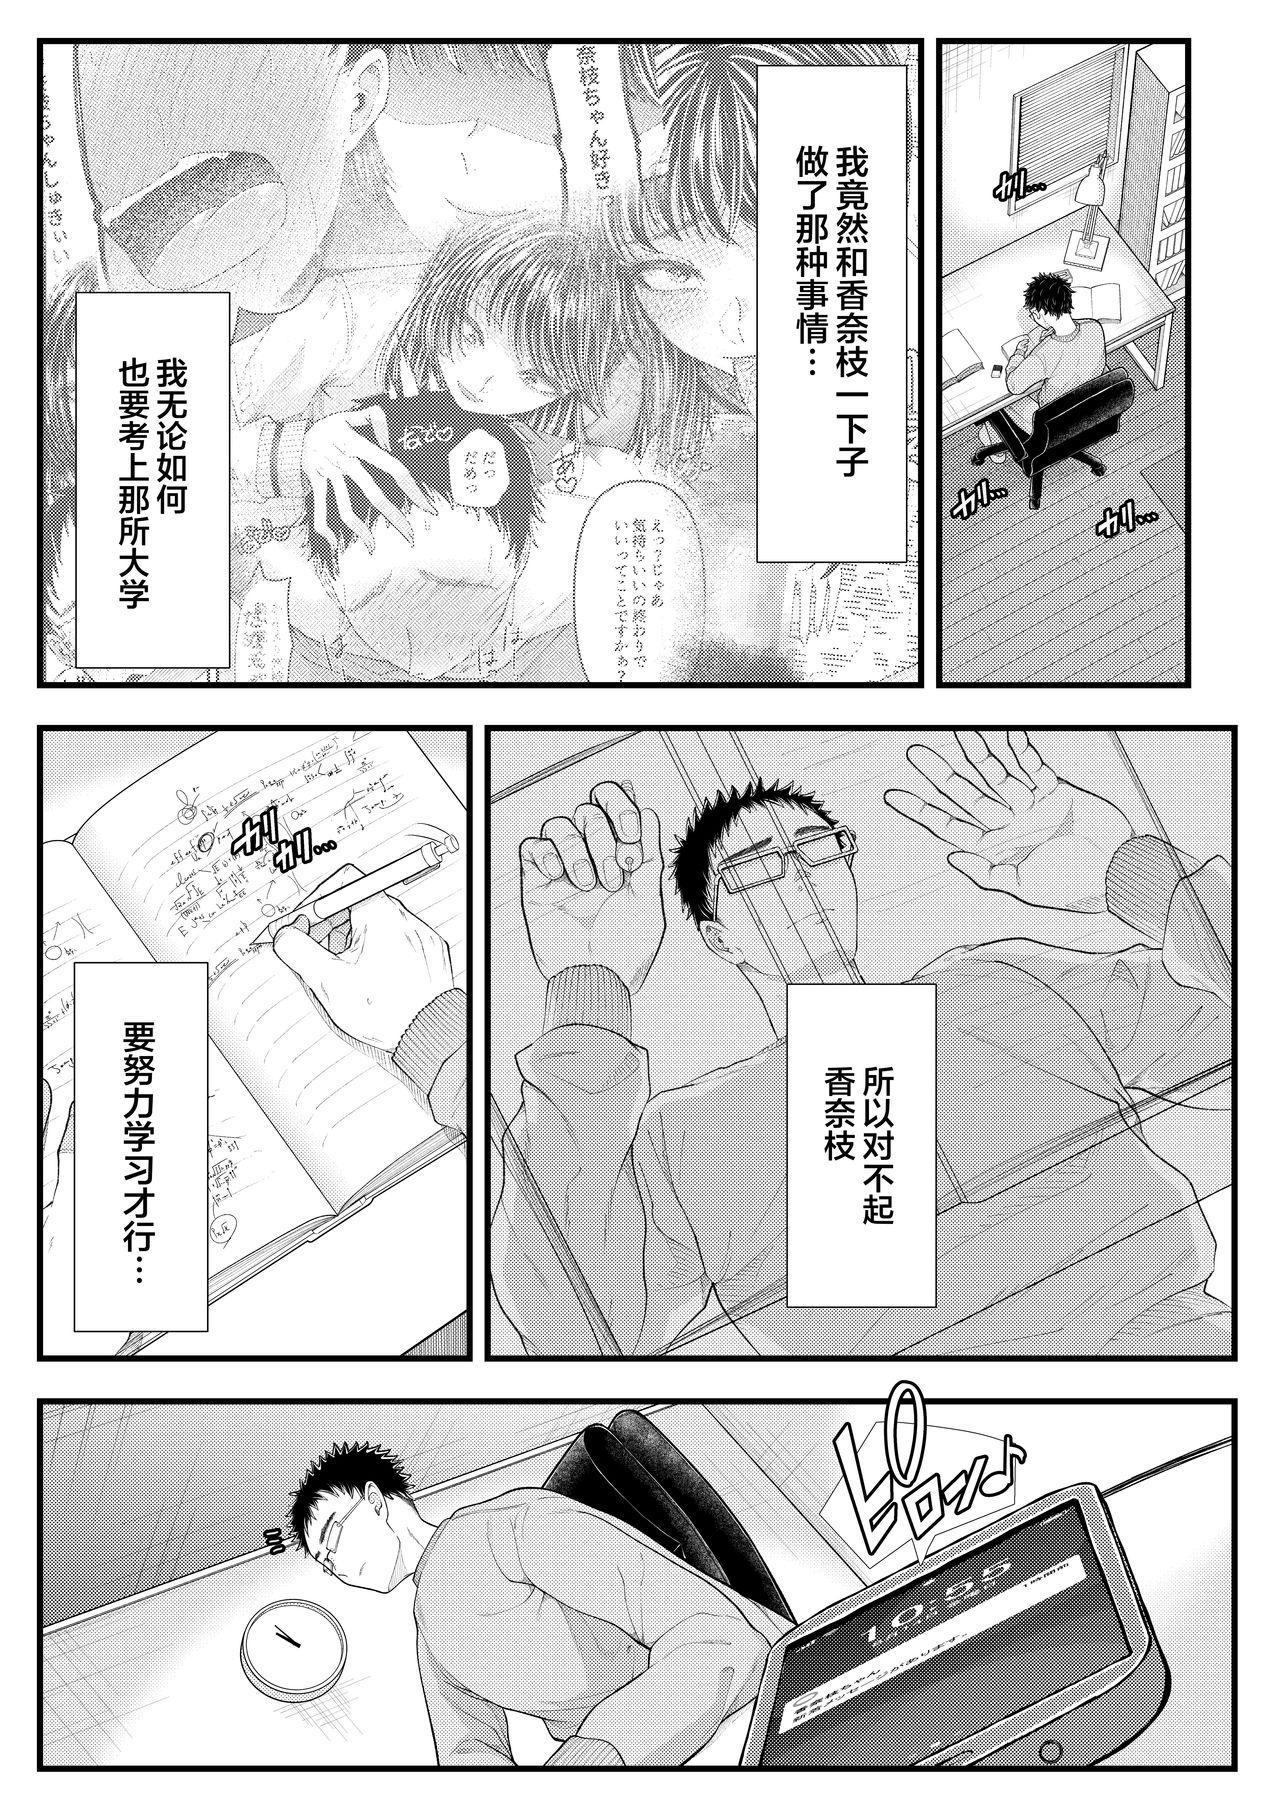 Yuutousei Danshi no Otoshikata 1